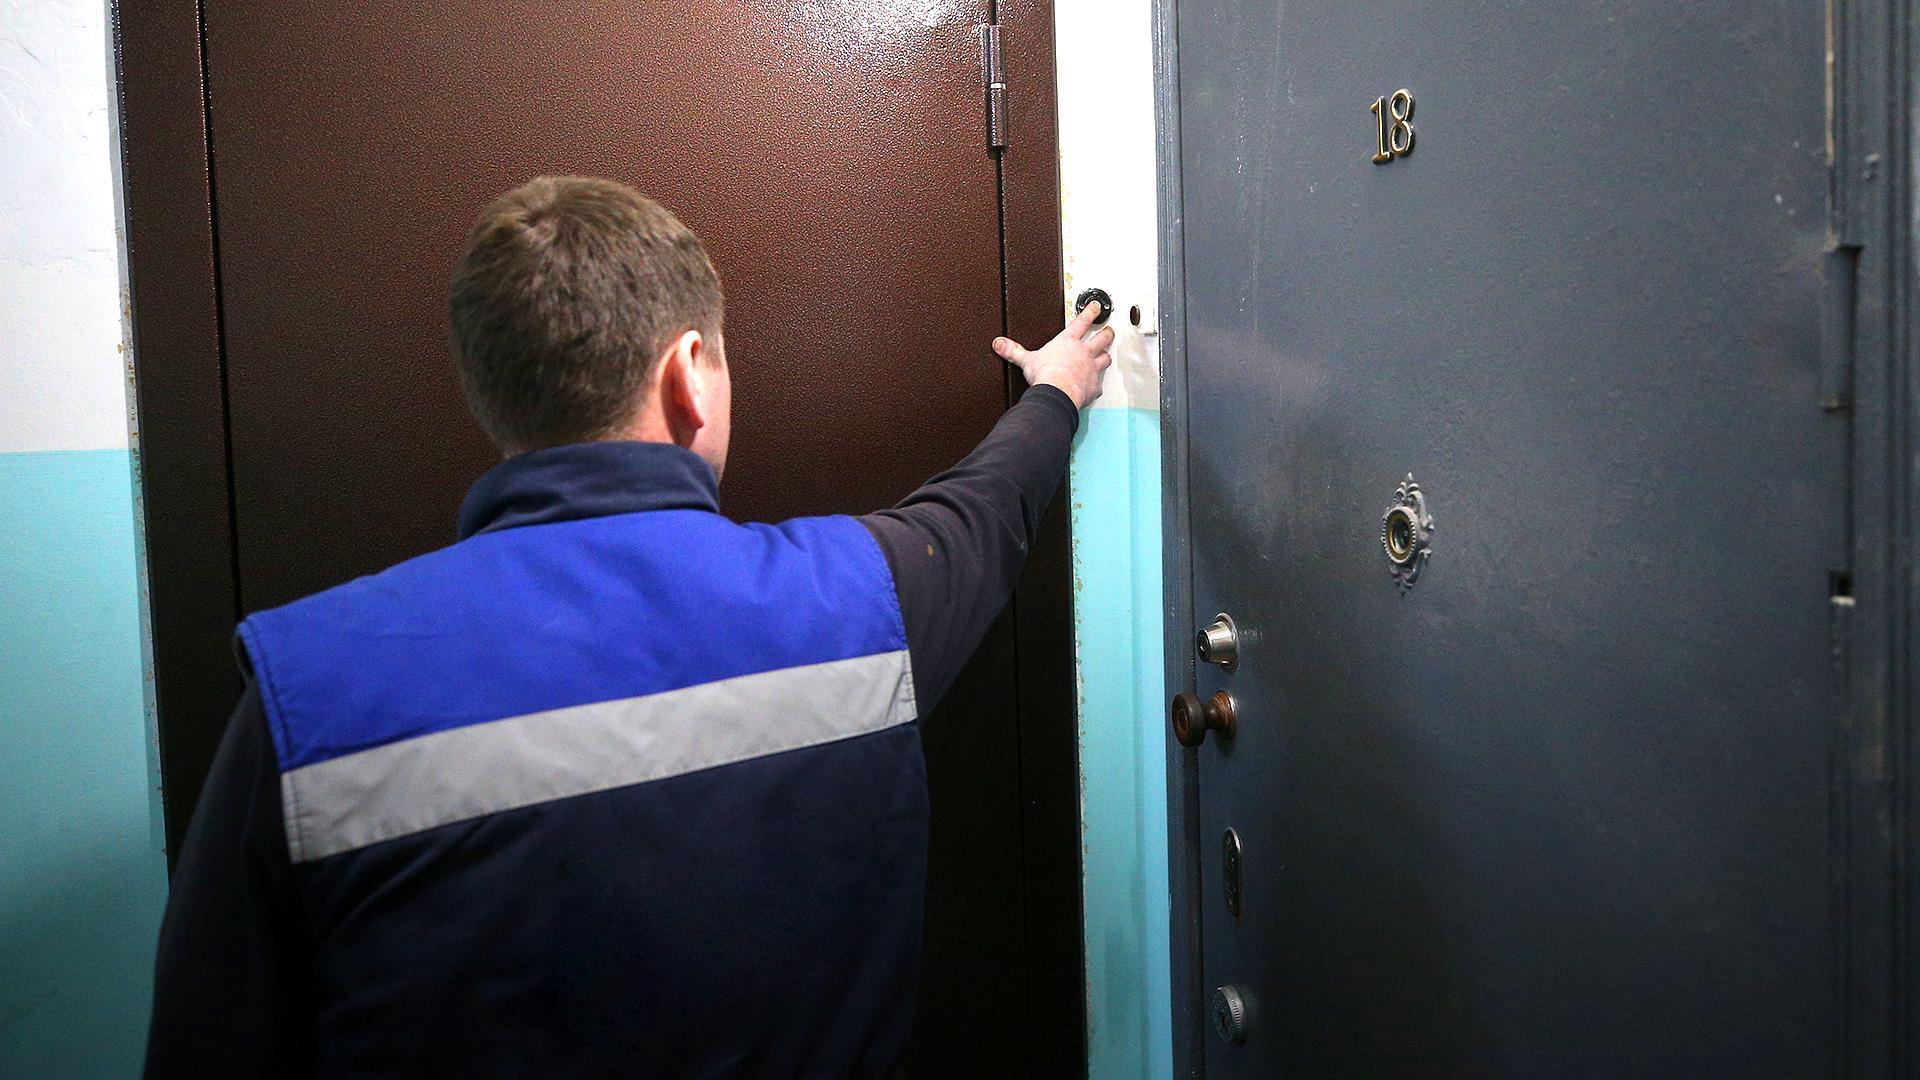 Юрист рассказал о законных основаниях для проверок квартир россиян без предупреждения